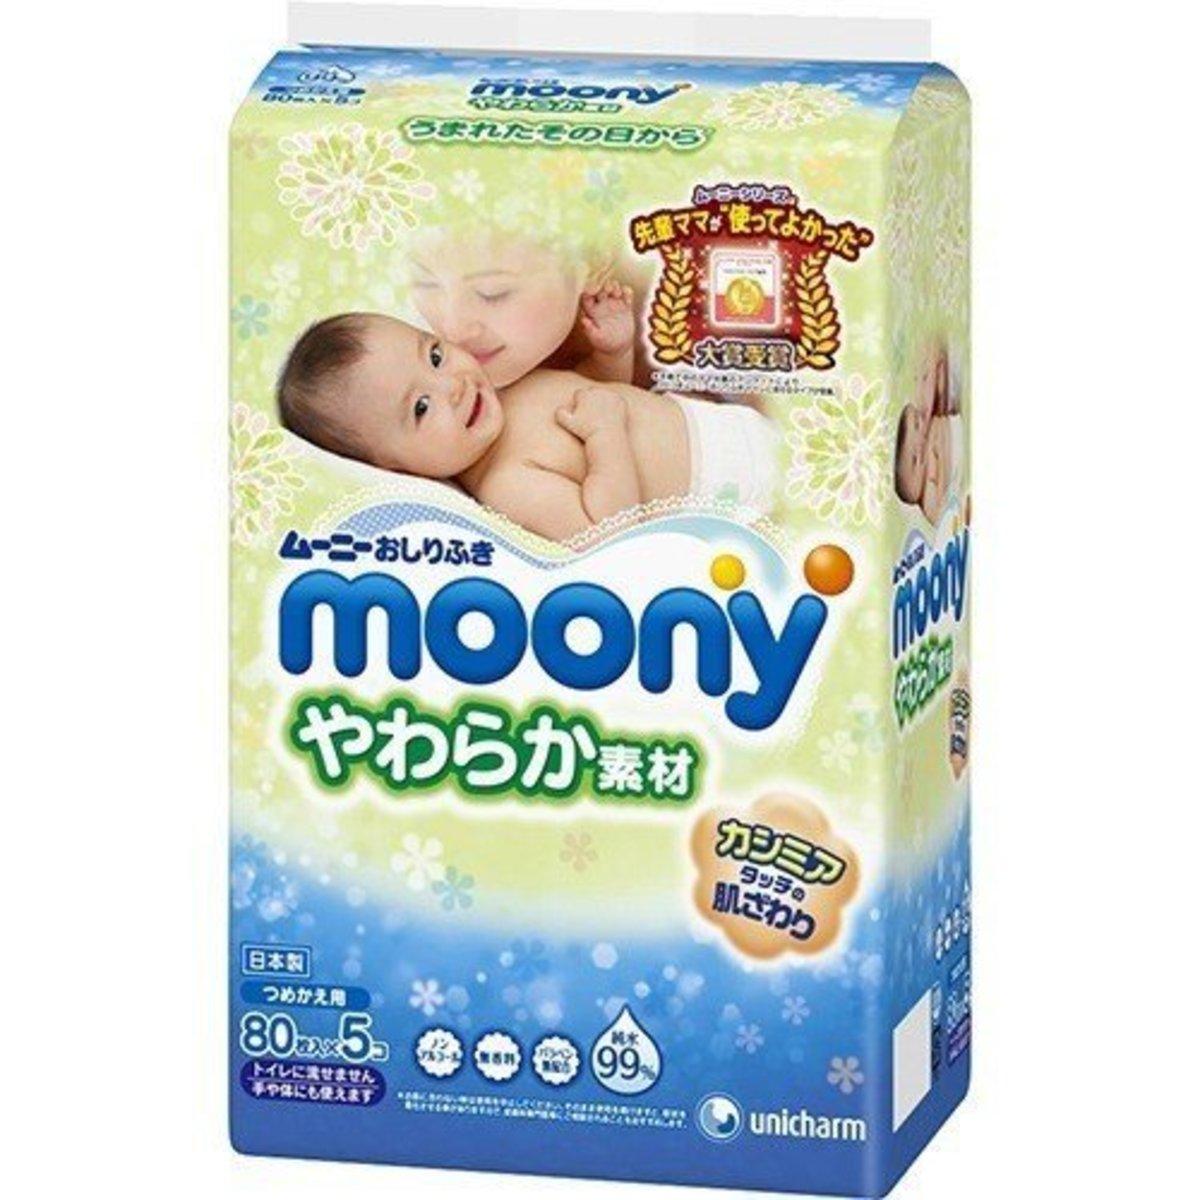 Baby Wet Tissues 80s x 5 pcs (4903111181285)